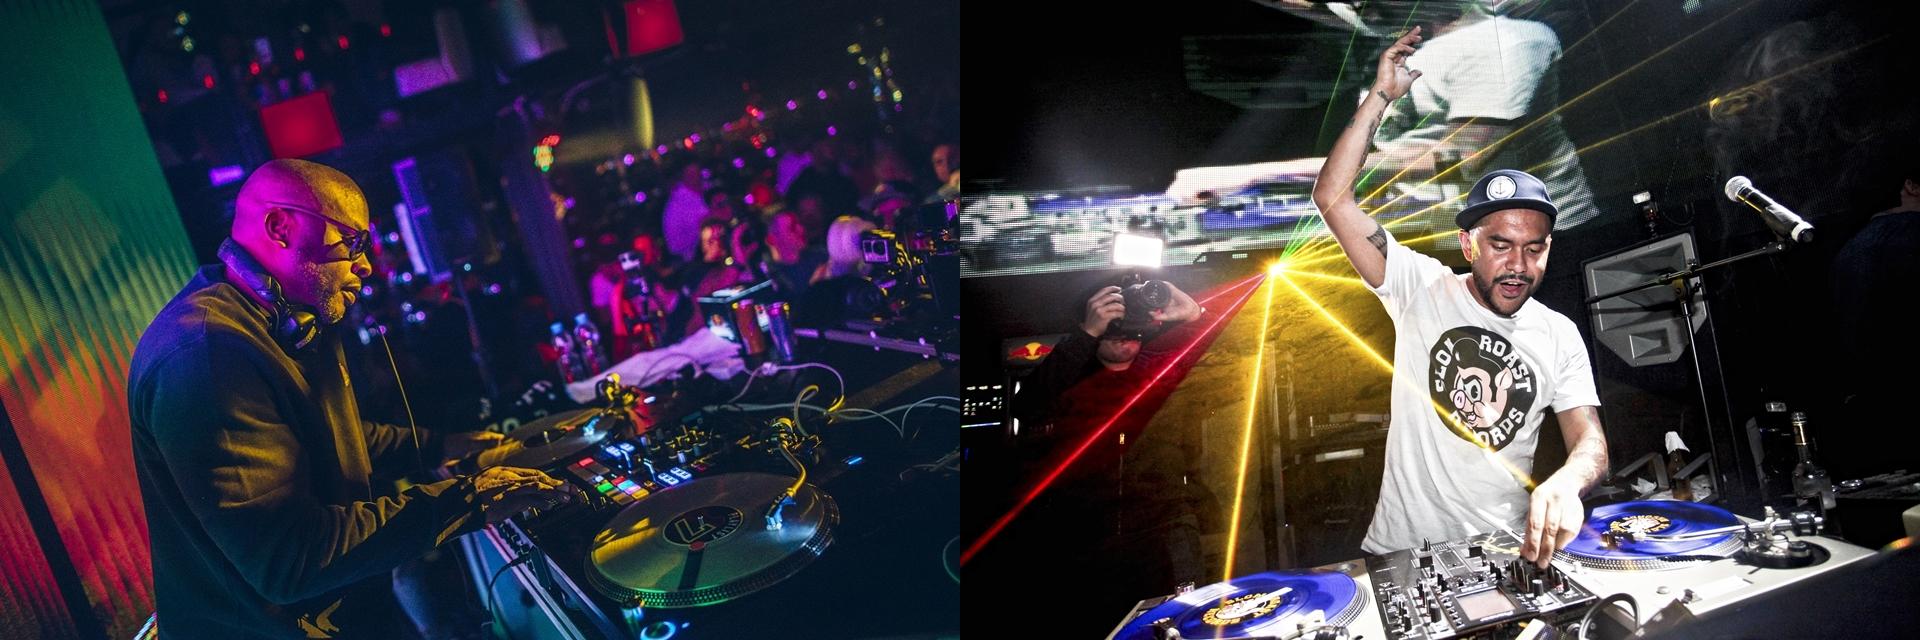 全部都是焦點新星! DJ 界開戰,全球 20 多國強者 DJ 轟炸台灣!